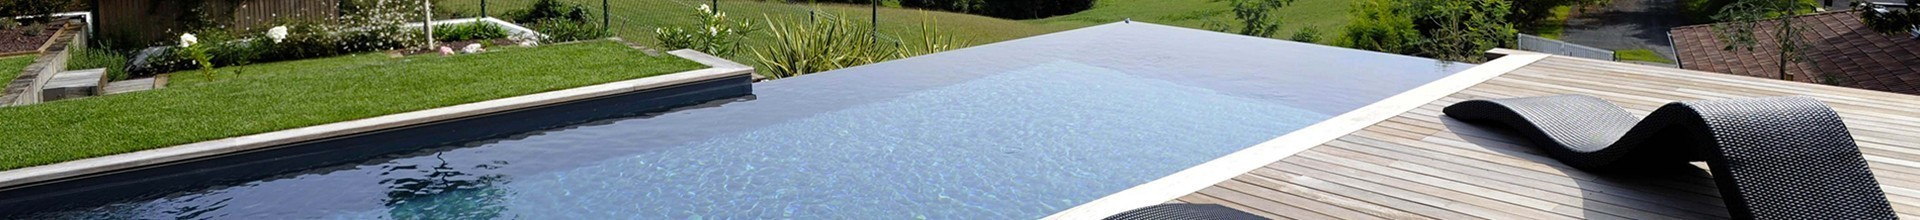 Direct usine, piscine coque prix Sion